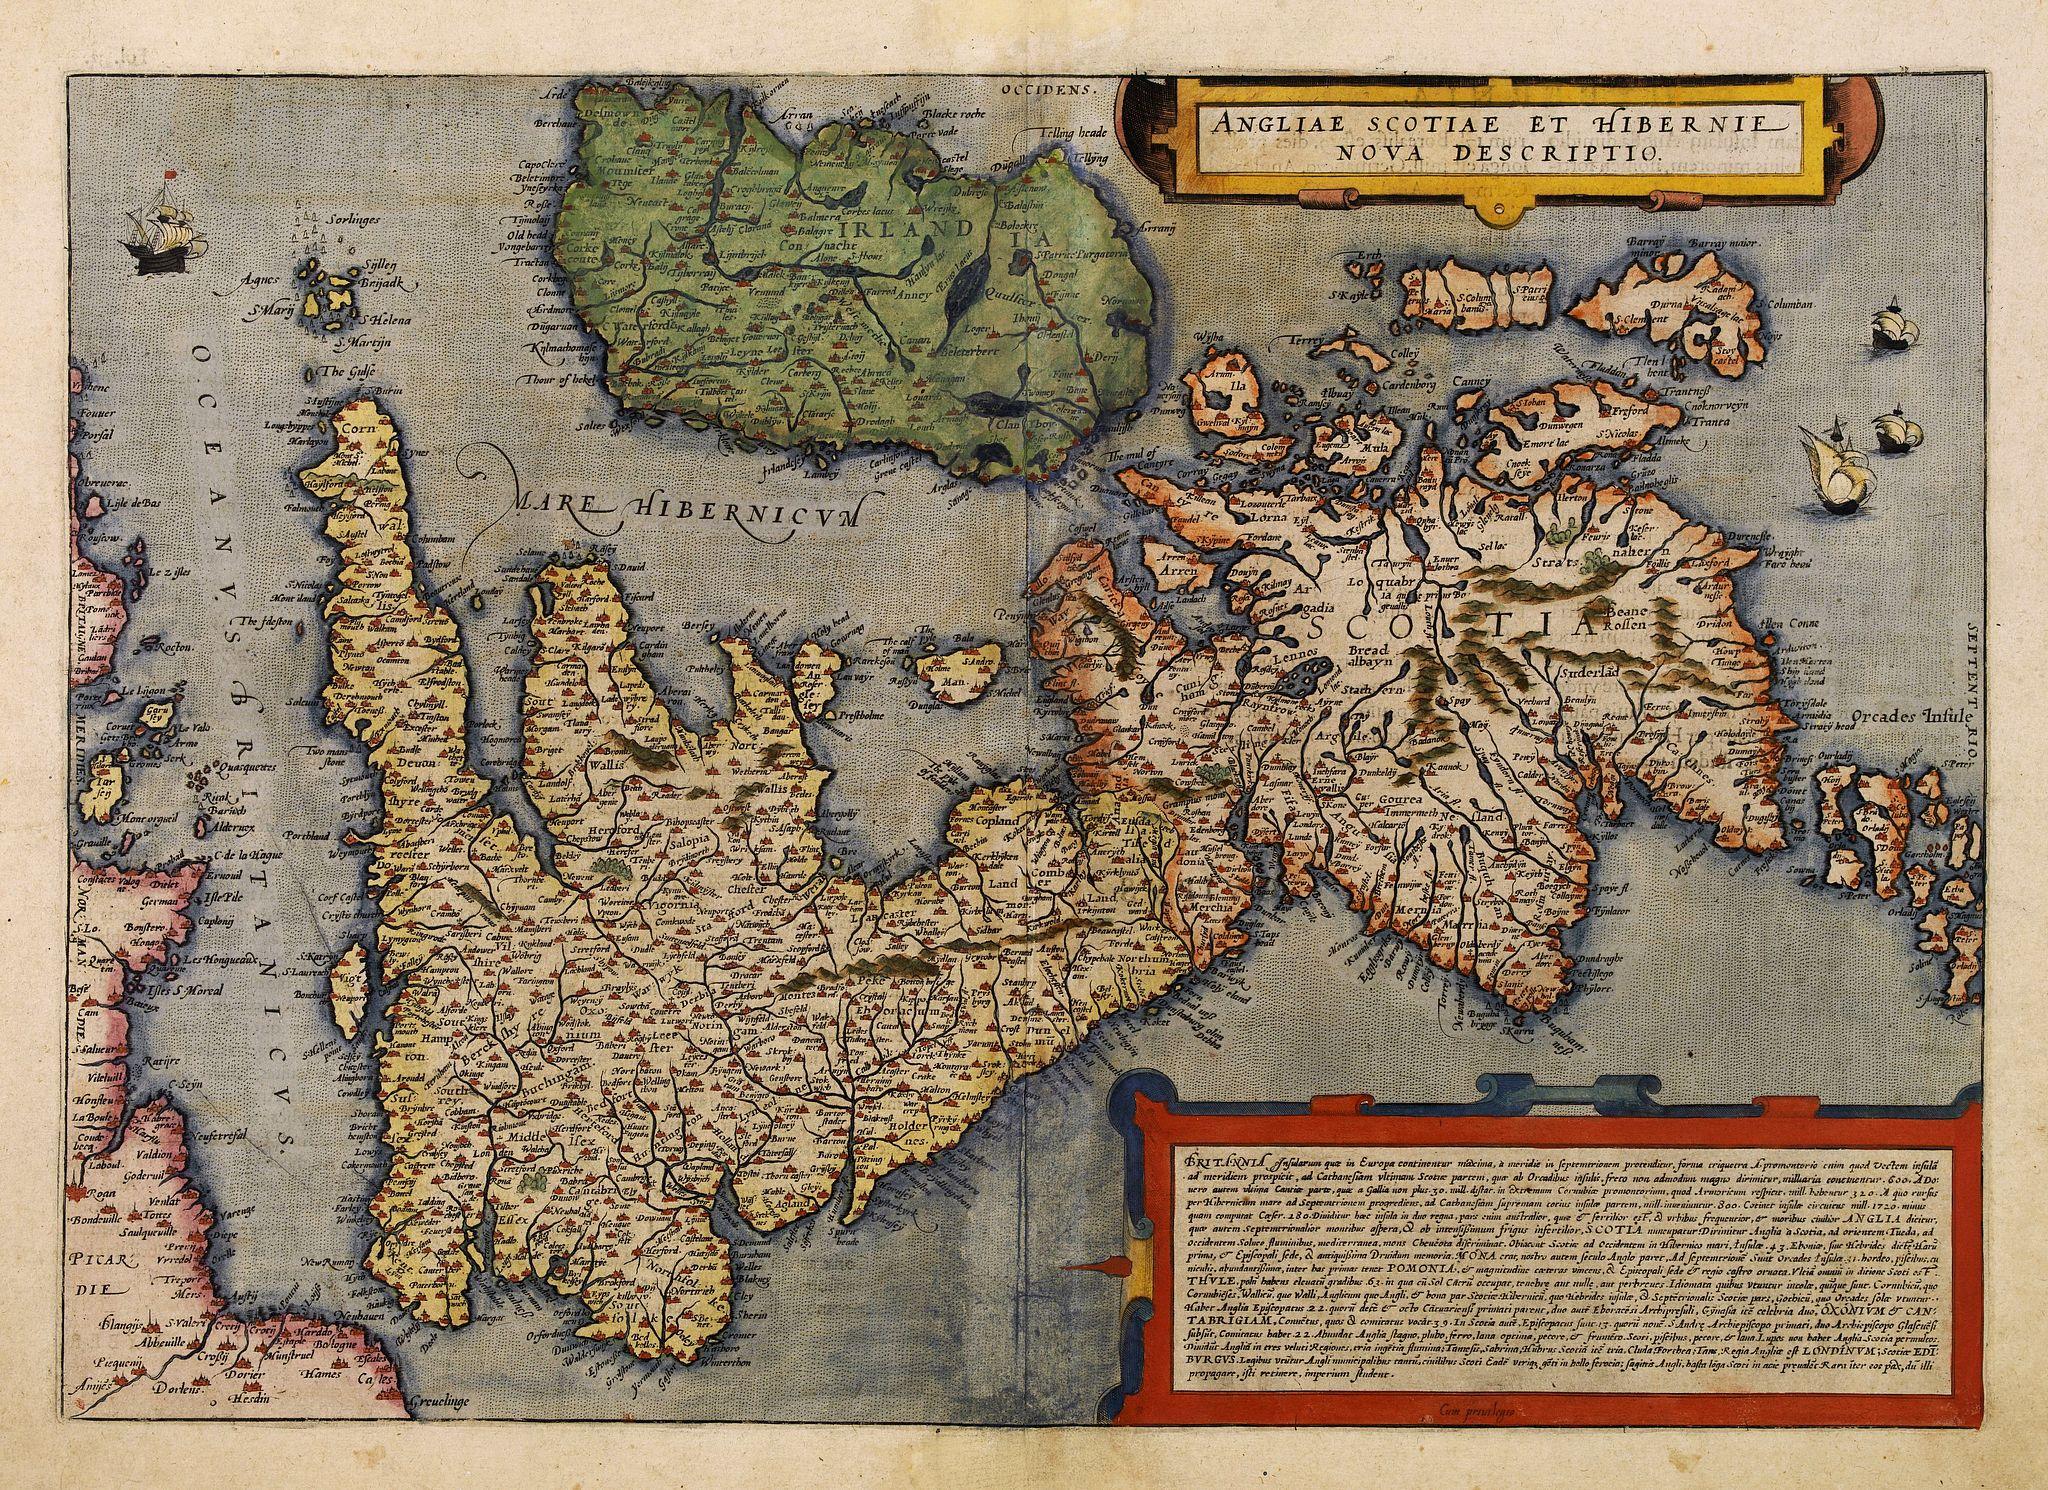 DE JODE, G. -  Angliae, Scotiae et Hibernie Nova Descriptio.